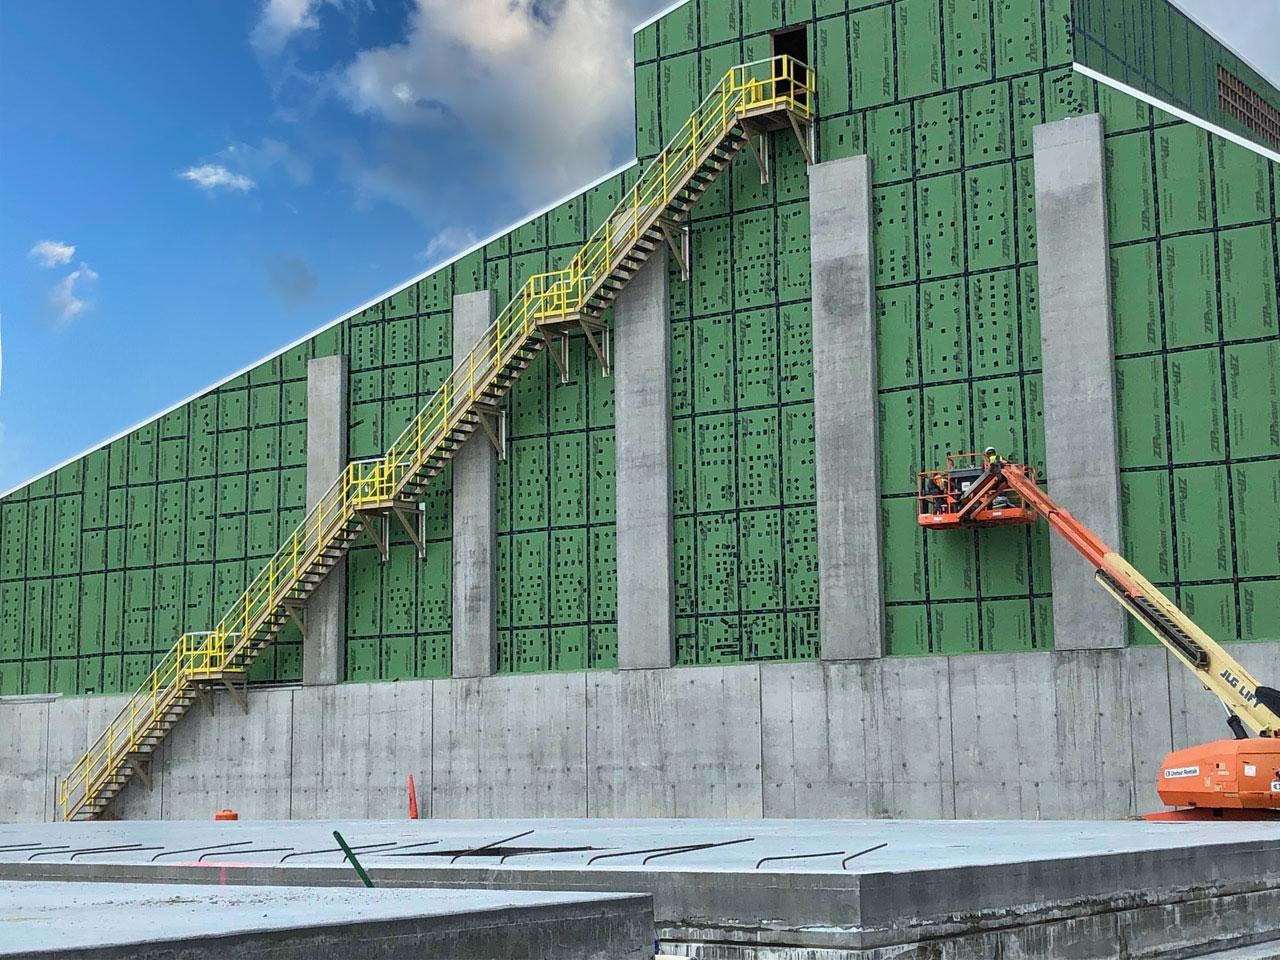 Ammonium sulfate railcar loading facility